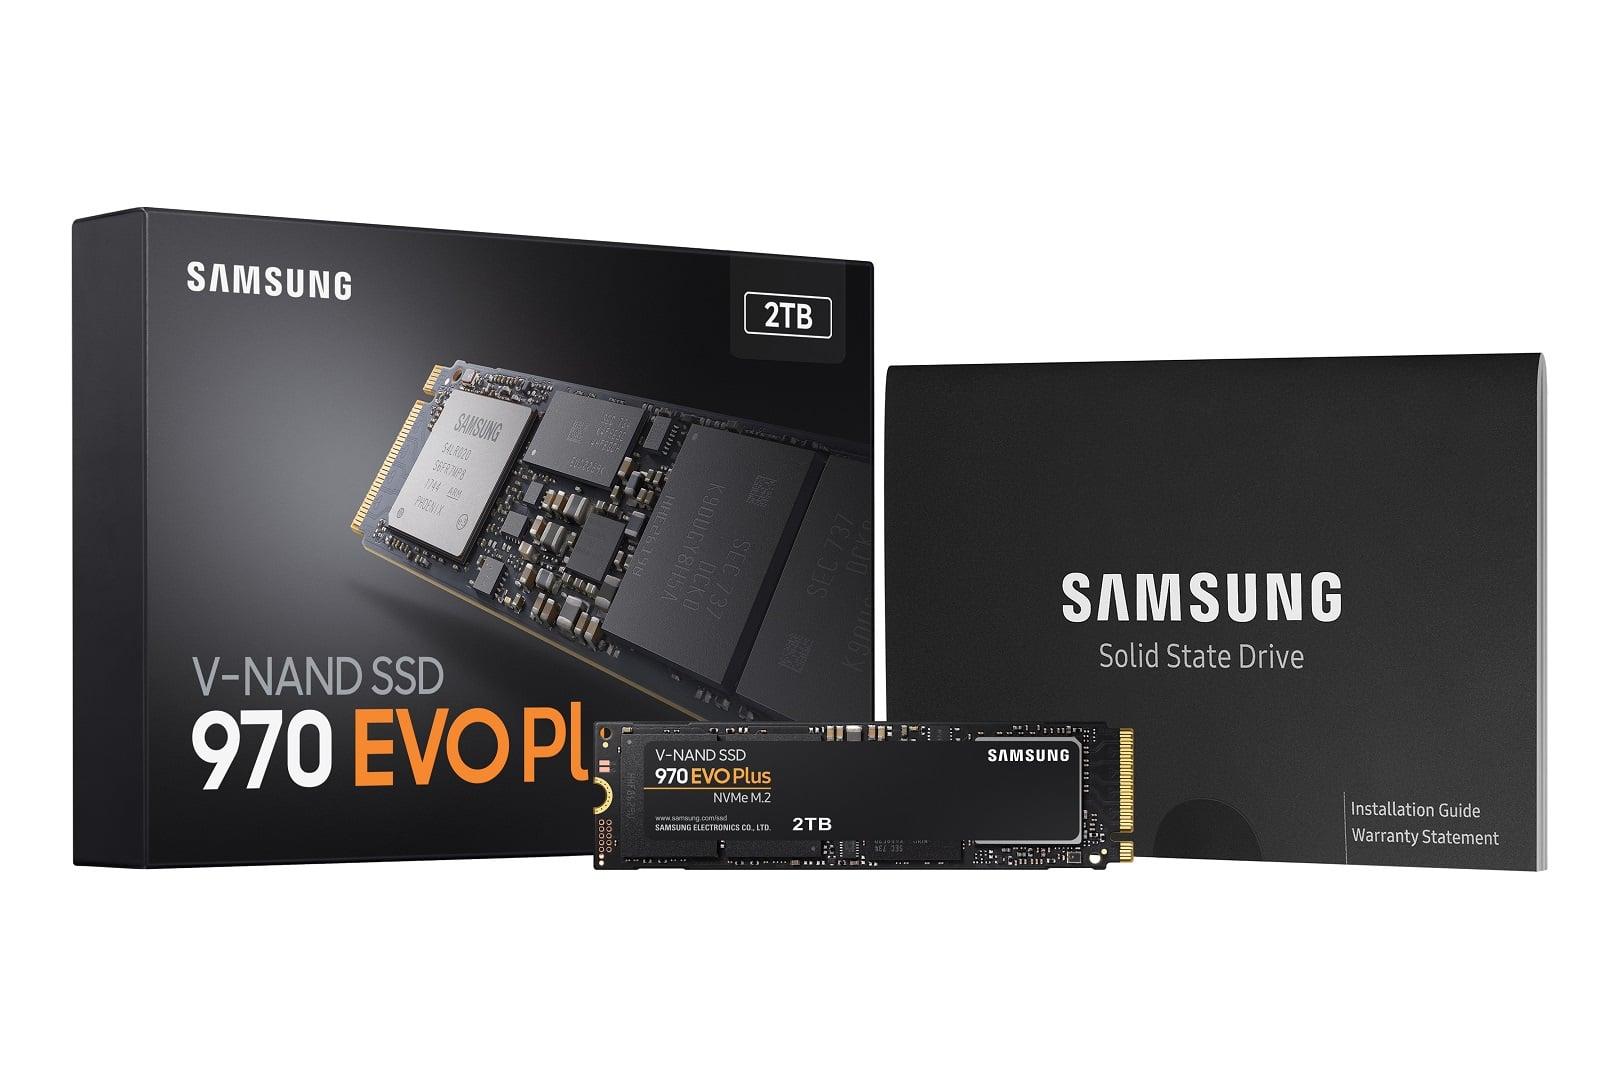 Samsung zaprezentował nowy, ultraszybki dysk SSD 970 EVO Plus 22